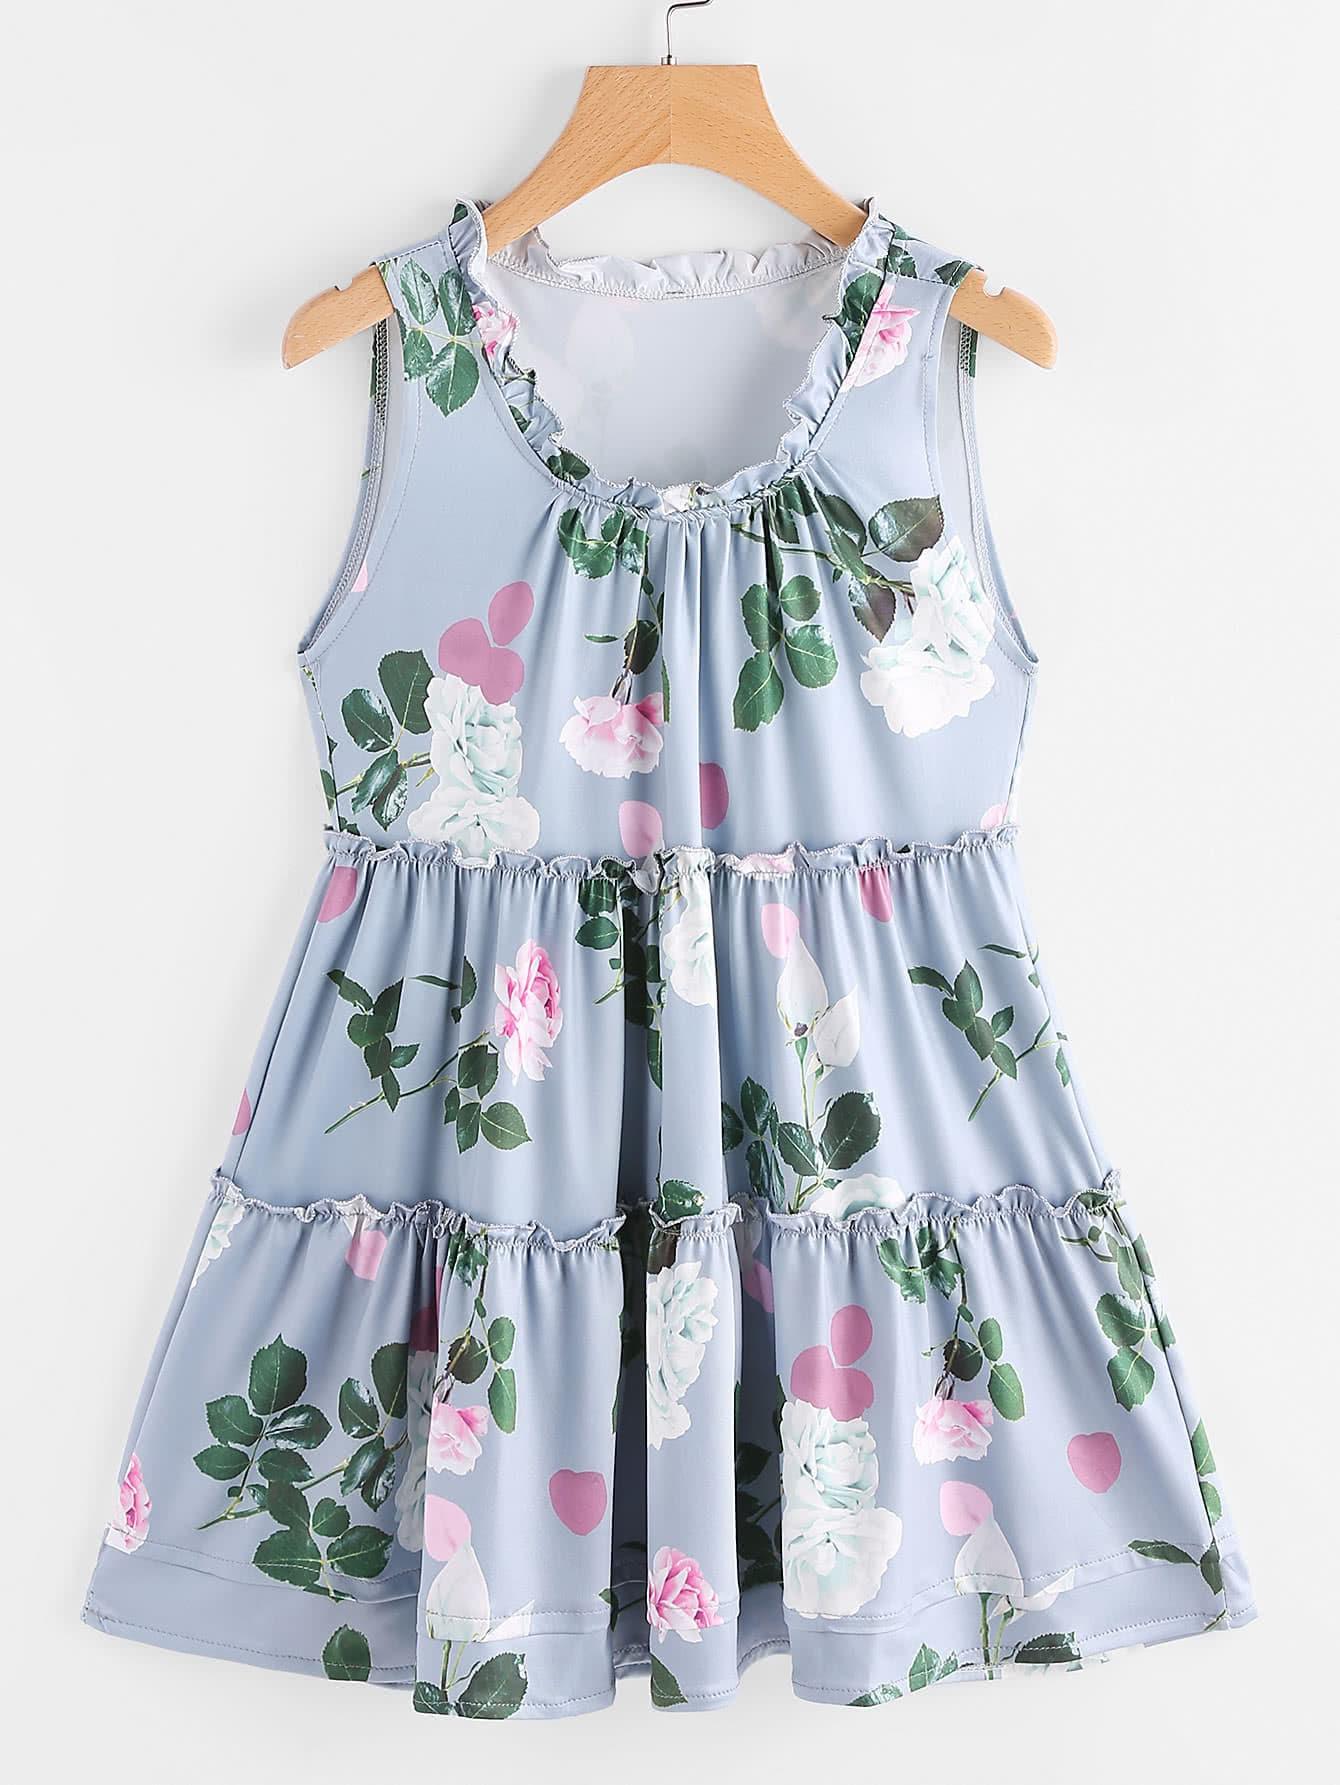 dress170523102_2